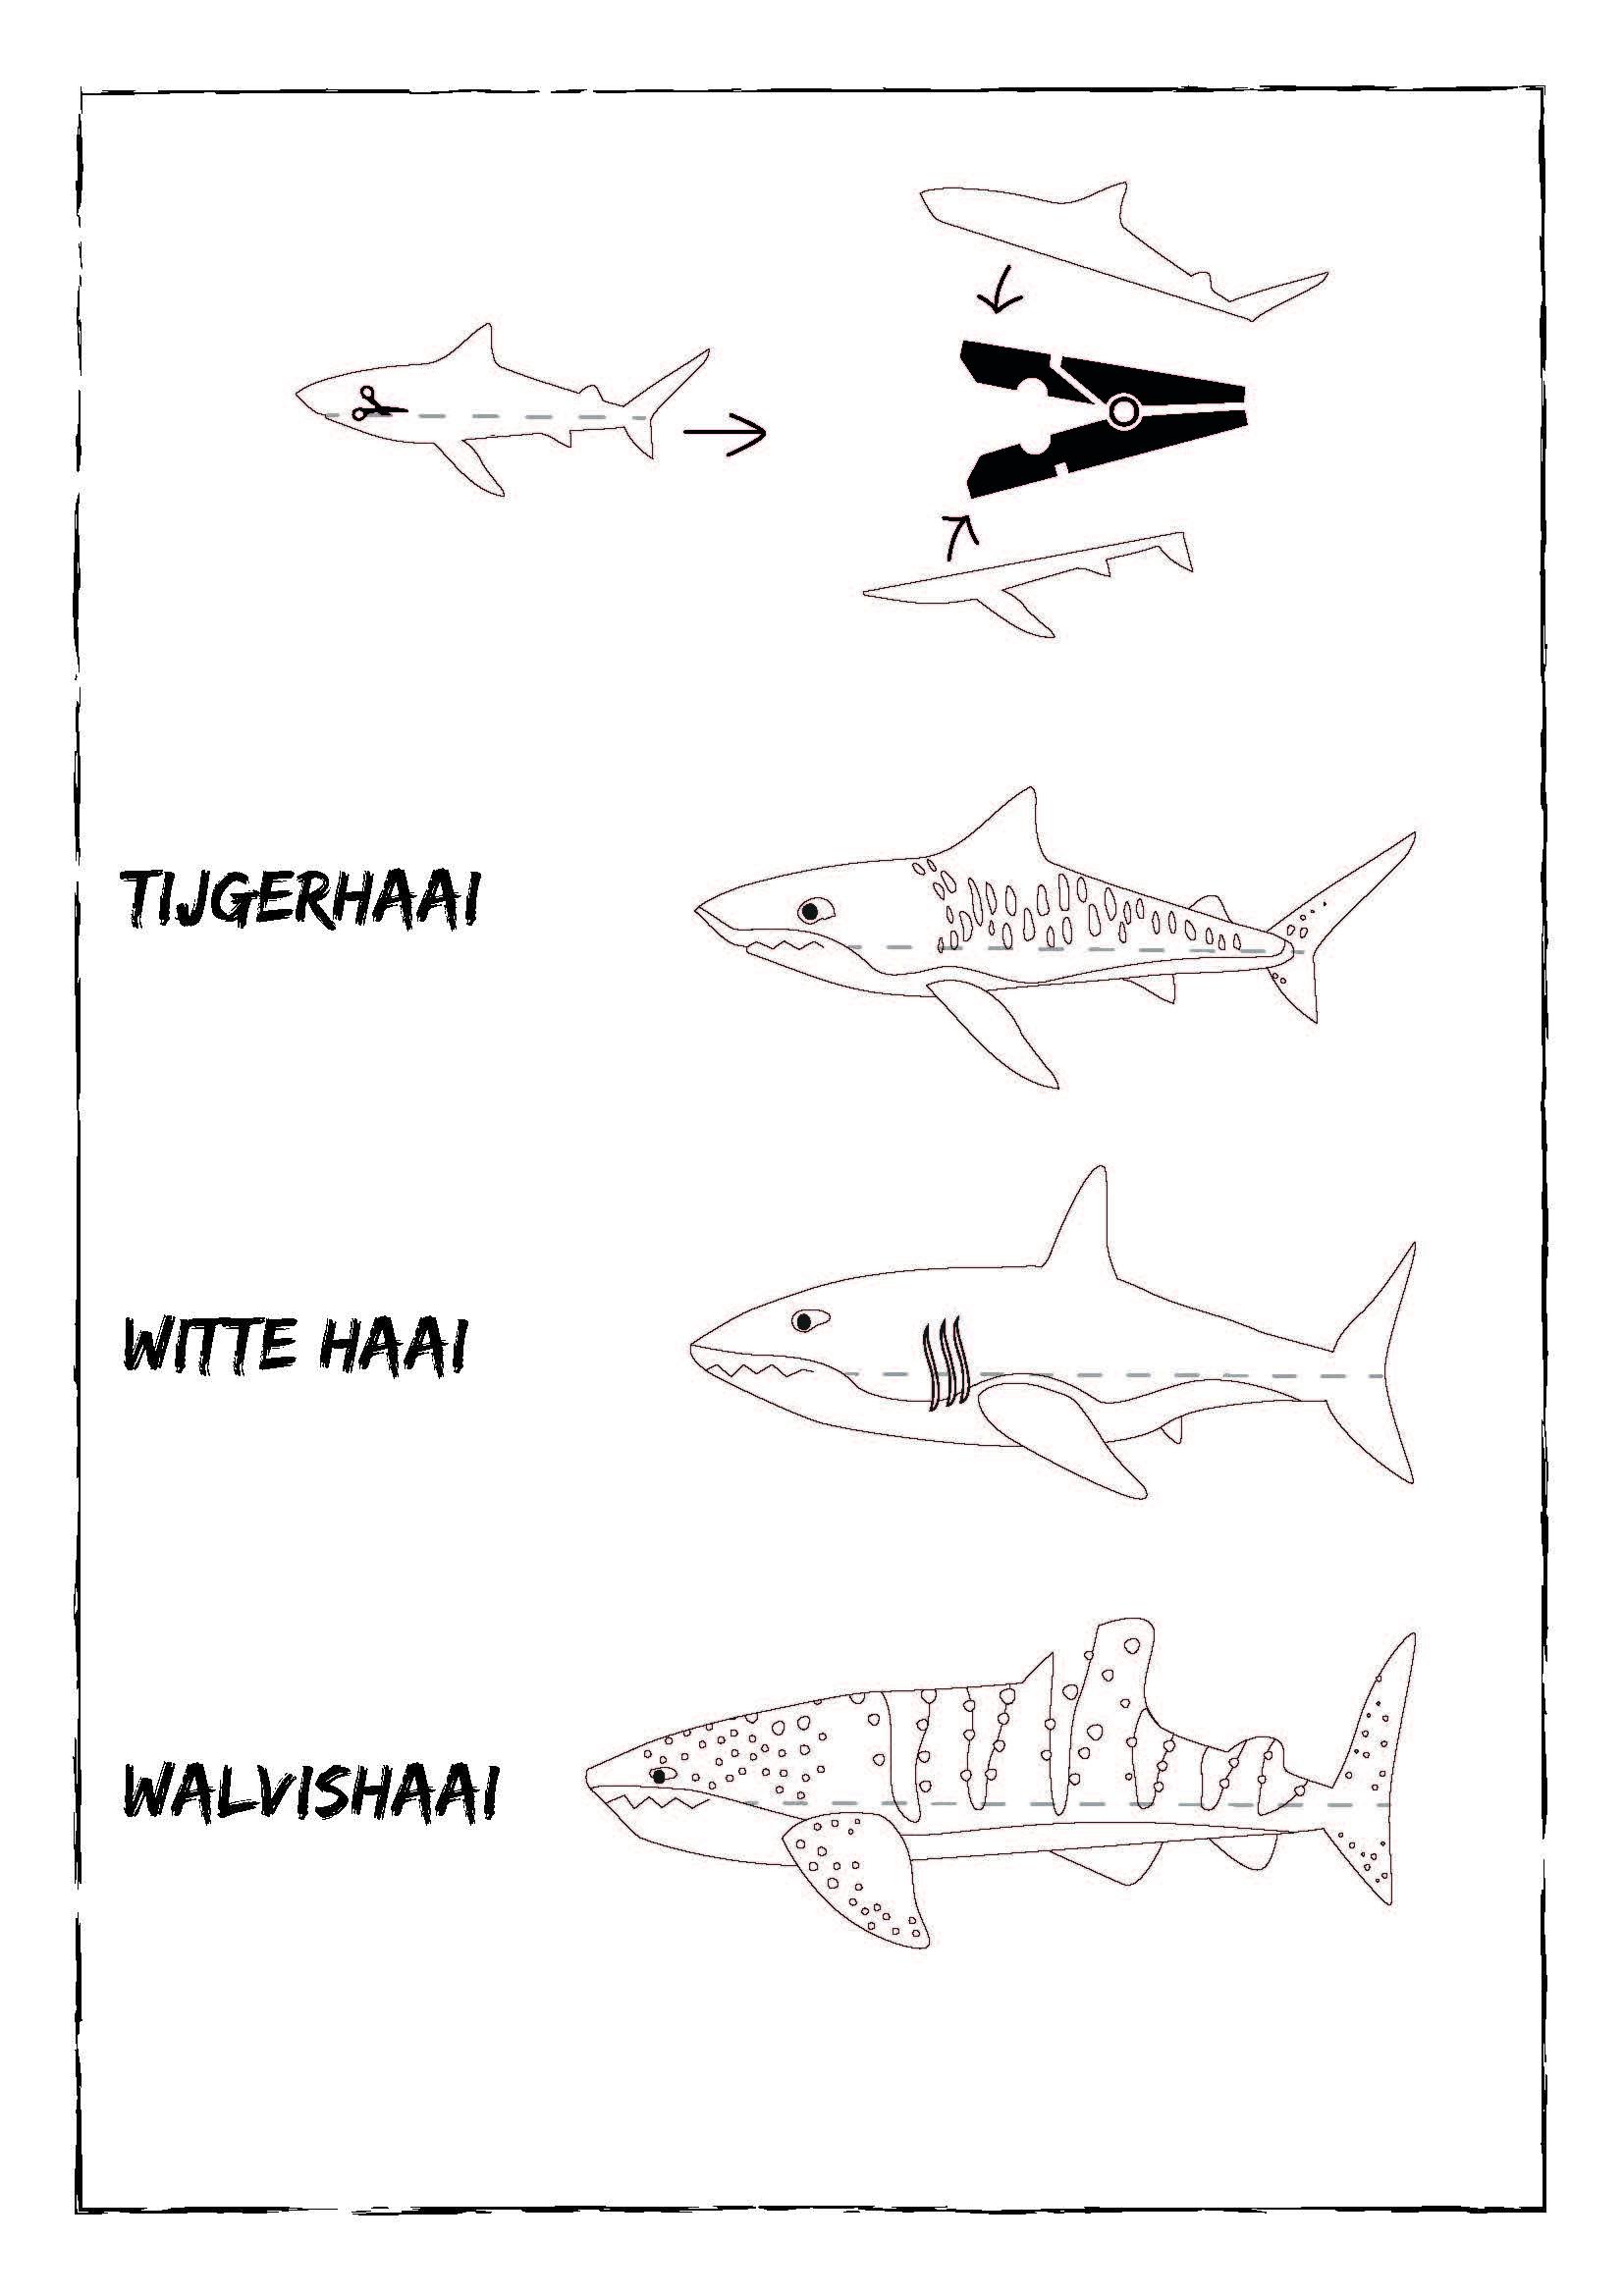 Haaienknijper